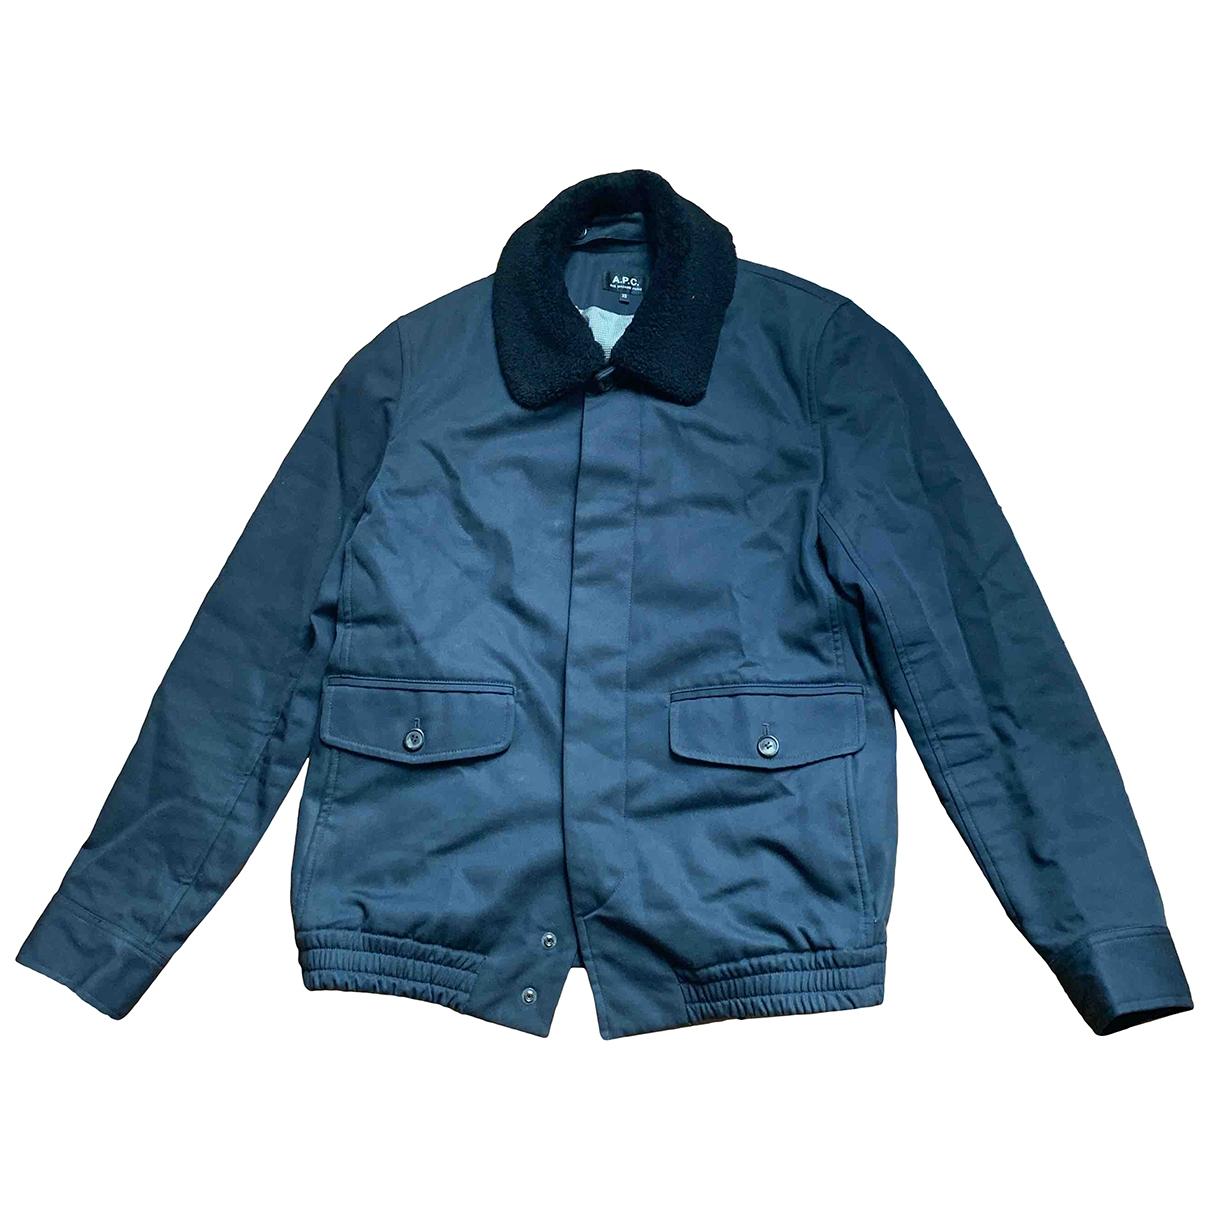 Apc - Vestes.Blousons   pour homme en coton - bleu